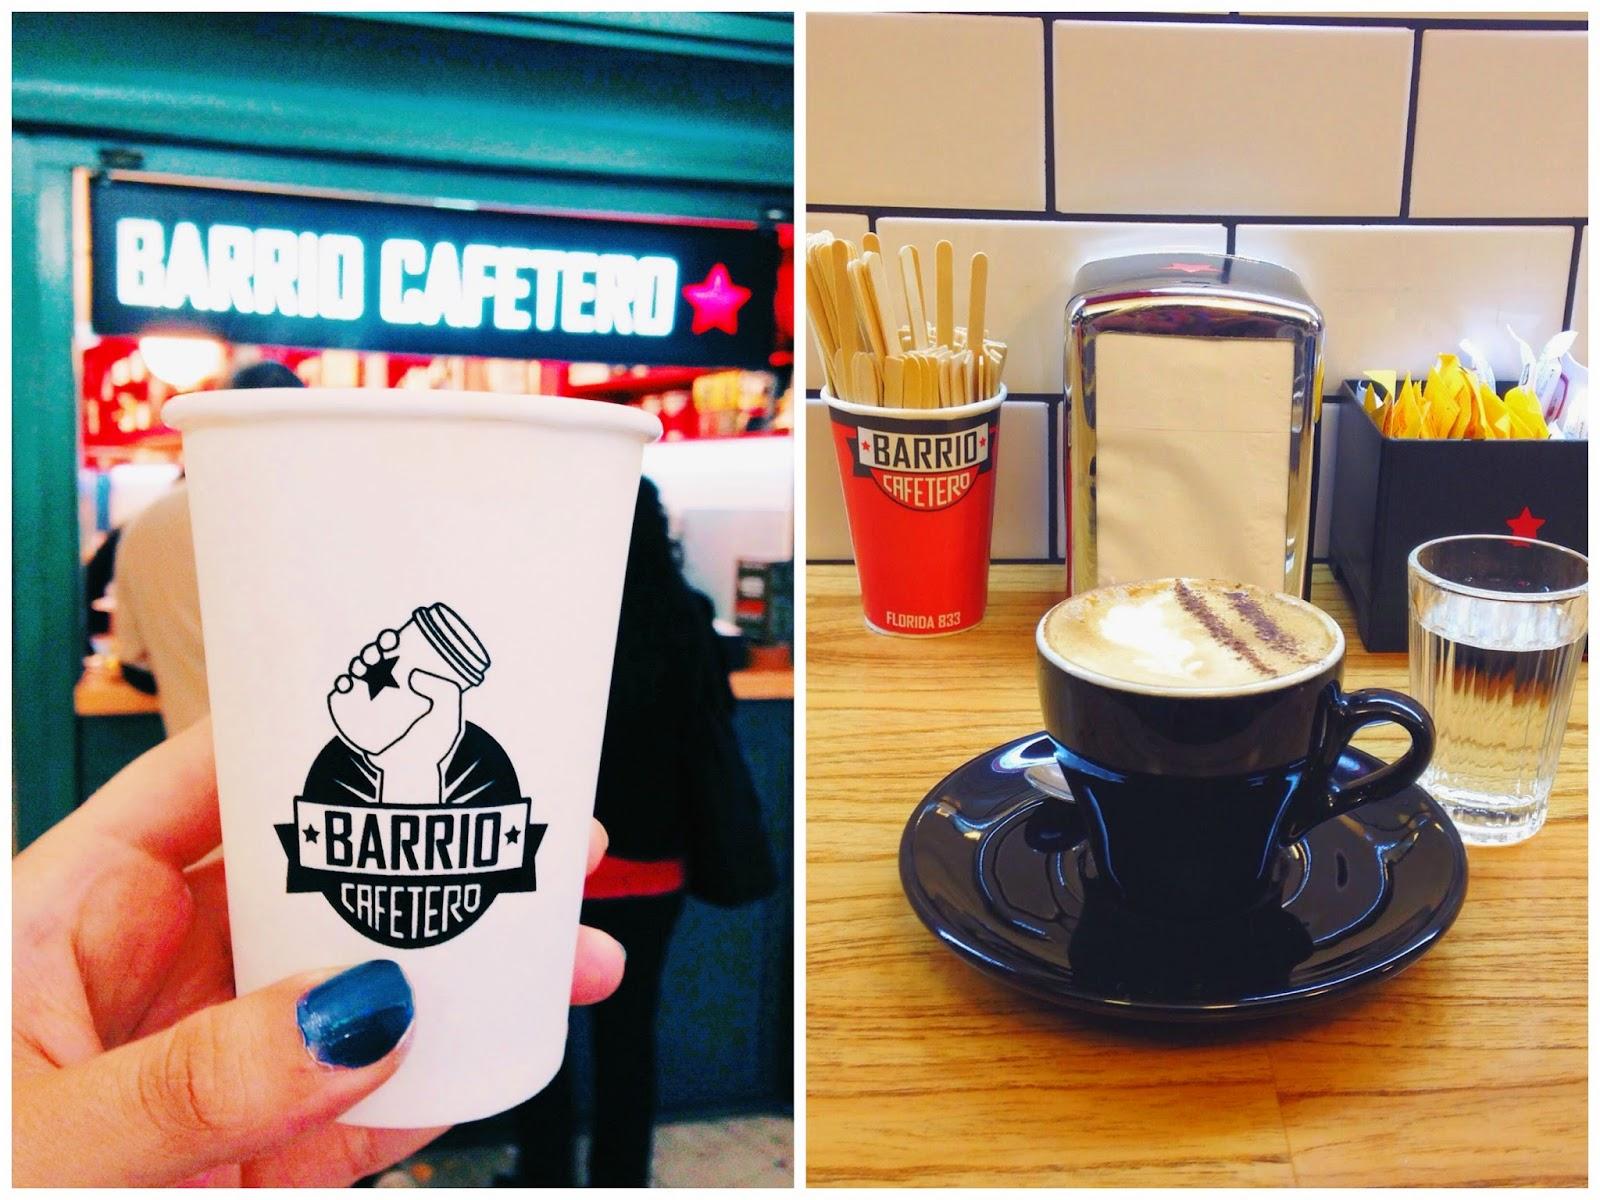 Barrio cafetero cafeterias en buenos aires